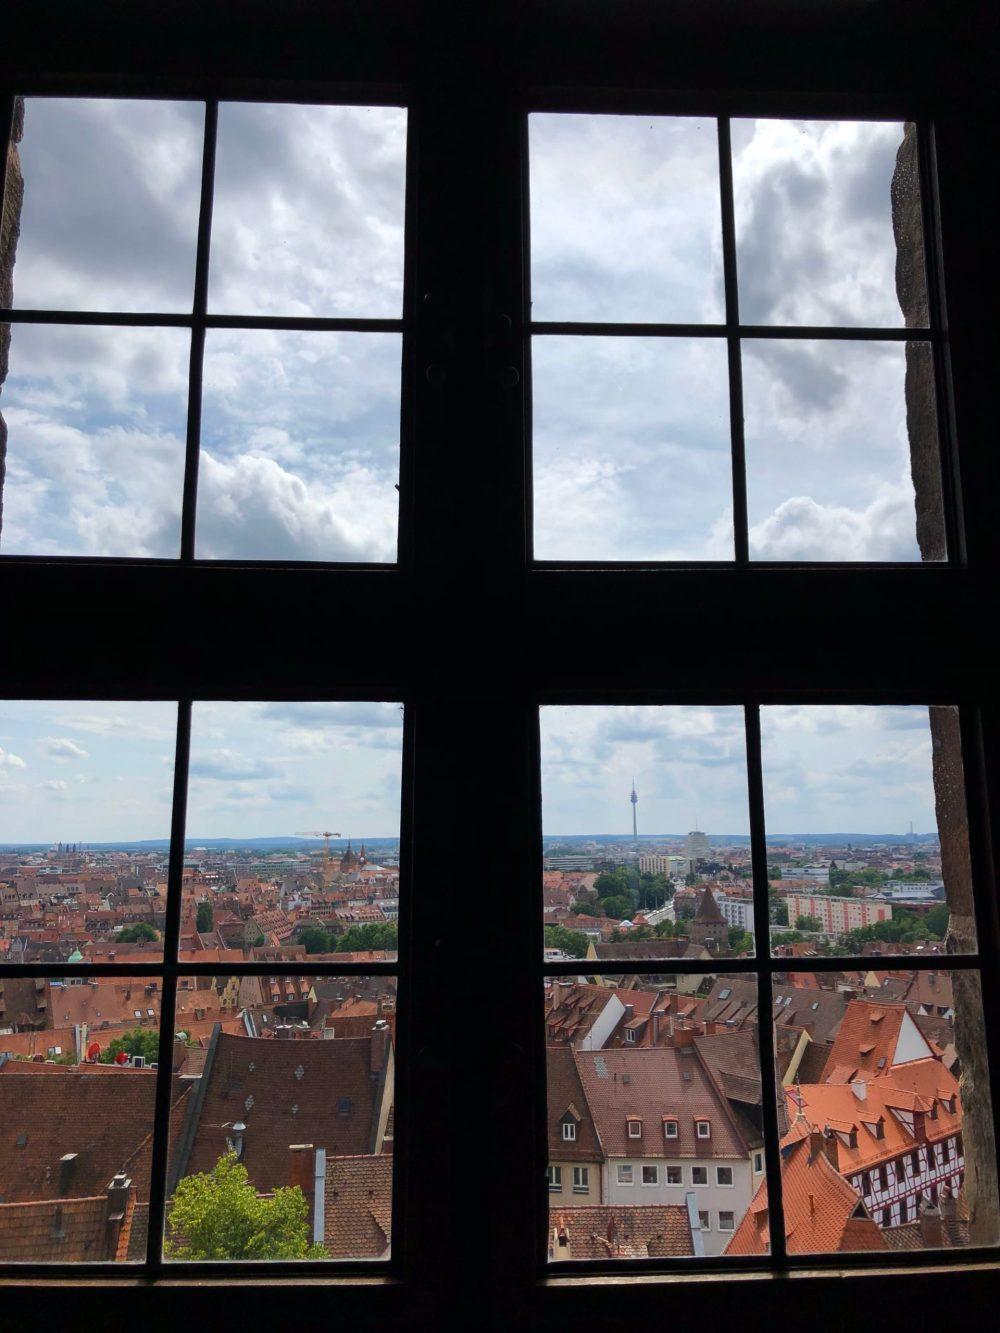 Blick durchs Fenster der Burg auf die Stadt